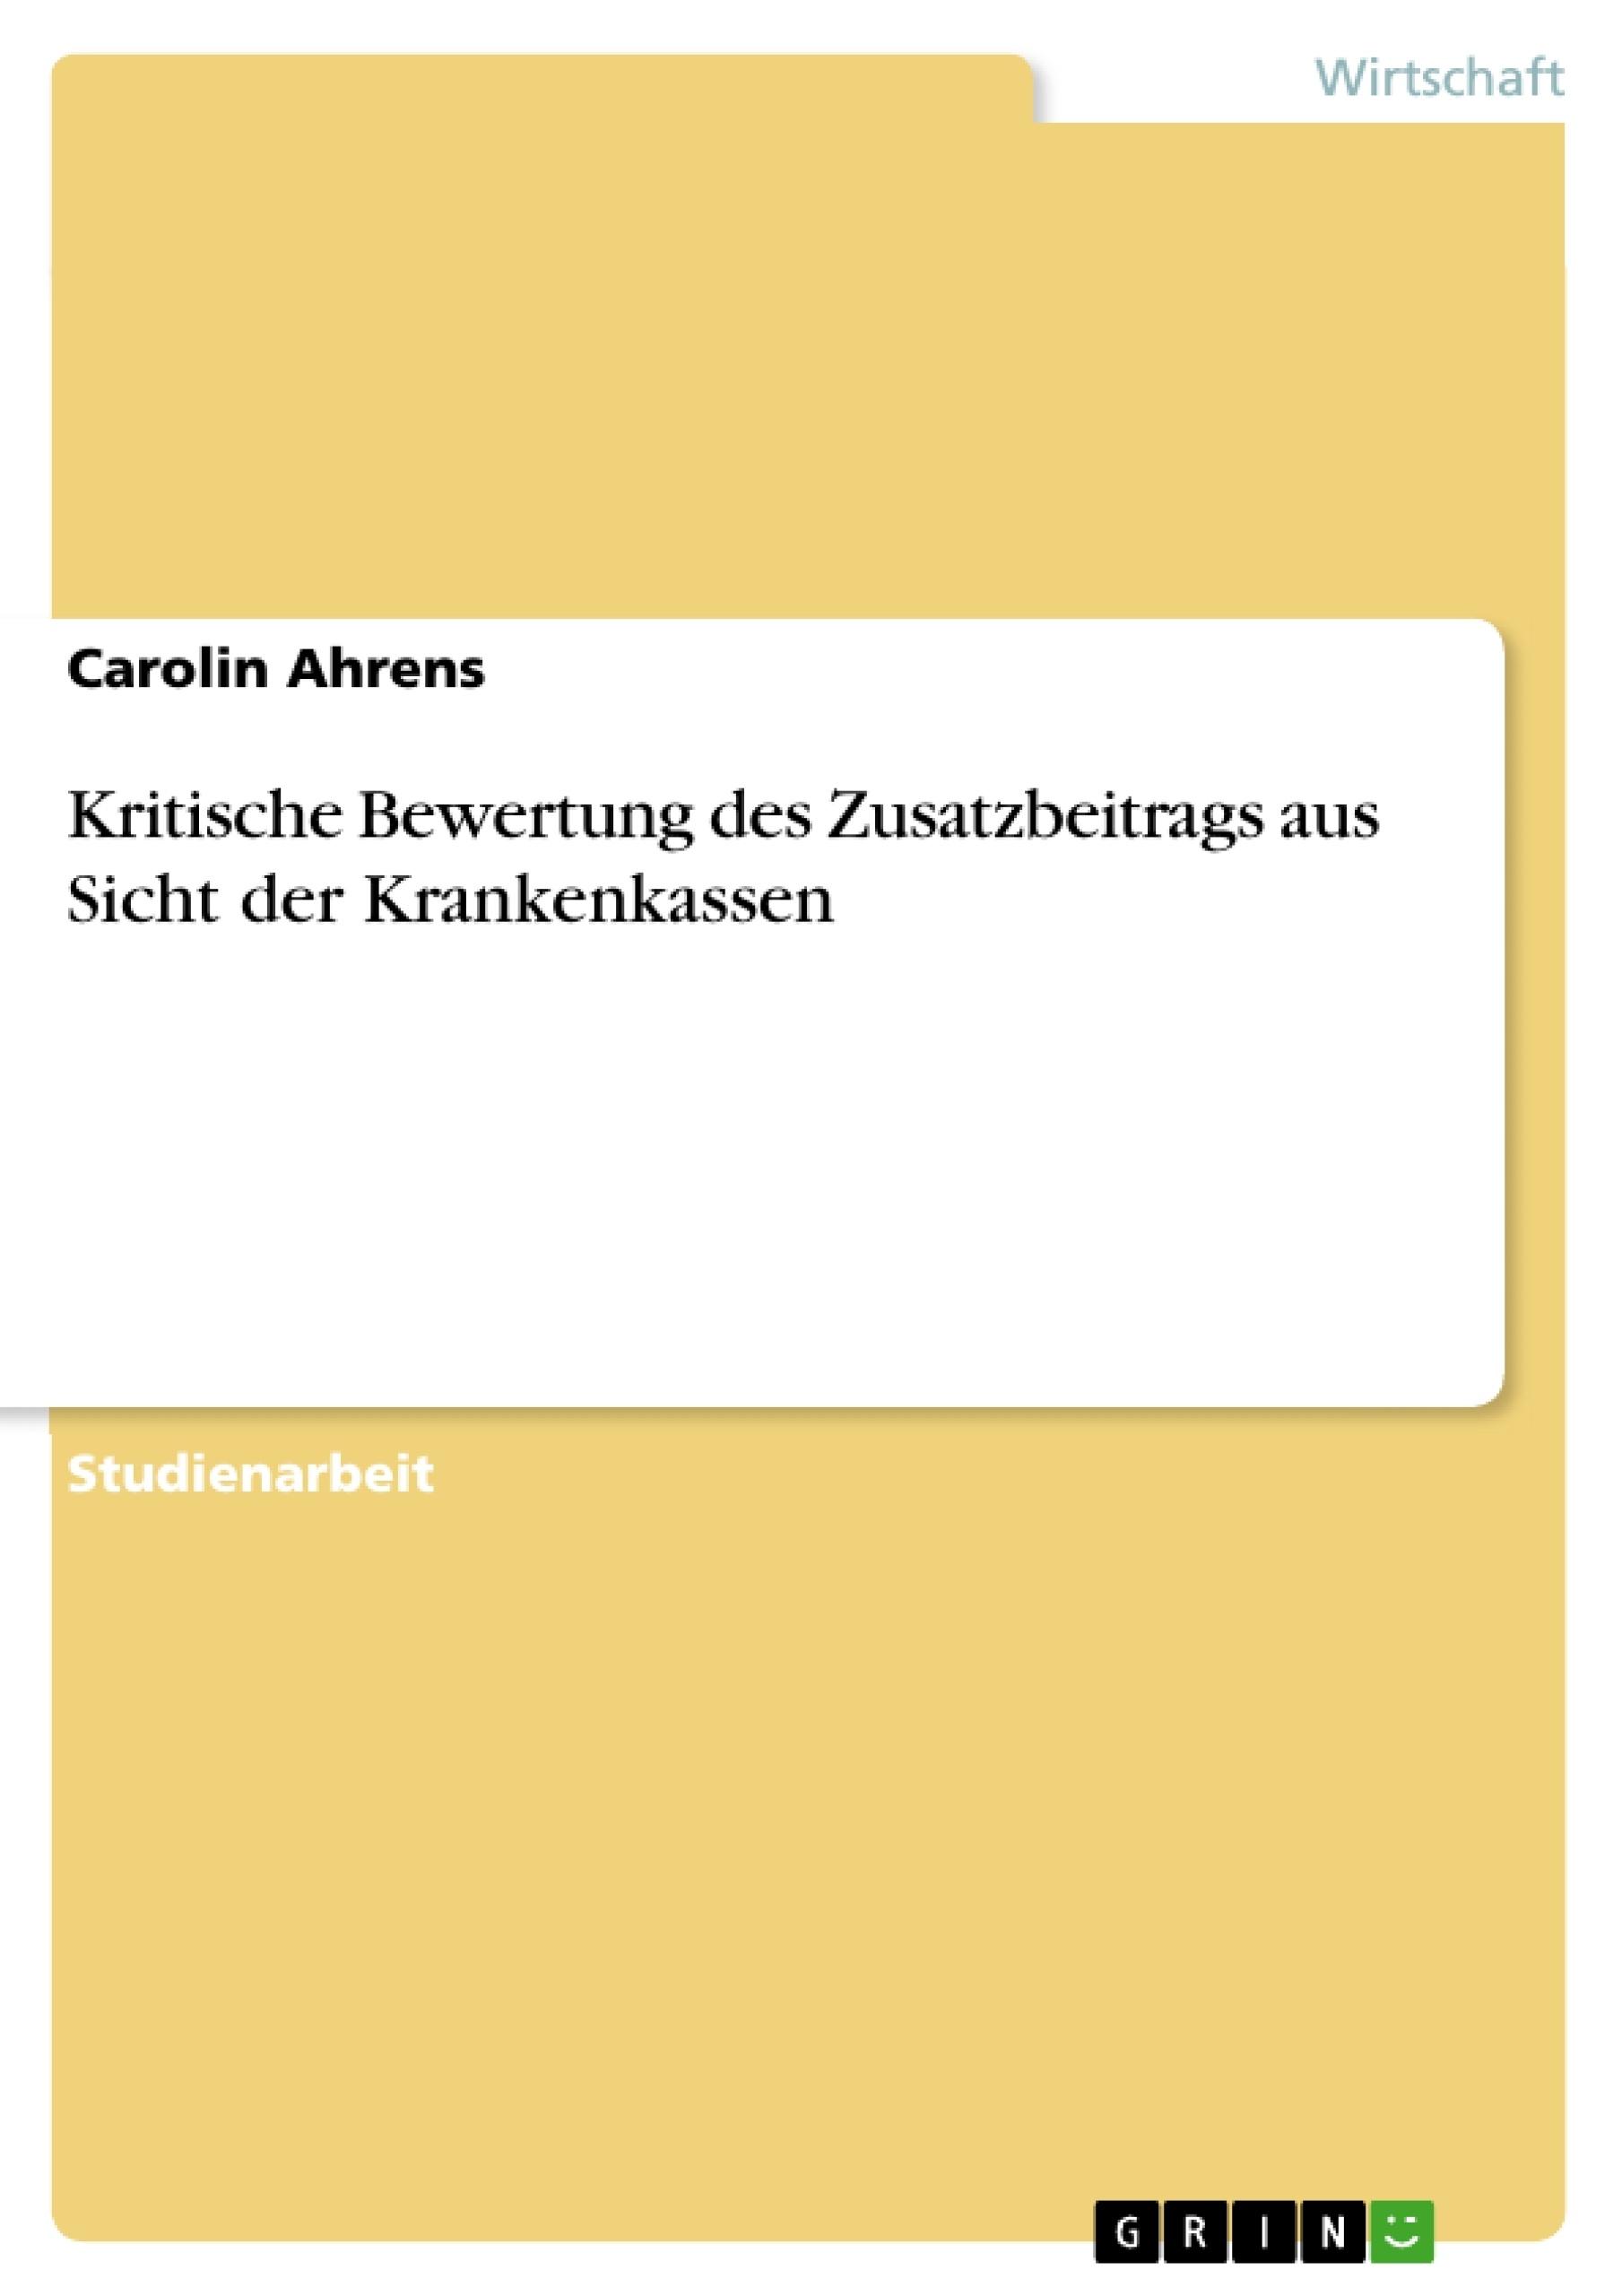 Titel: Kritische Bewertung des Zusatzbeitrags aus Sicht der Krankenkassen